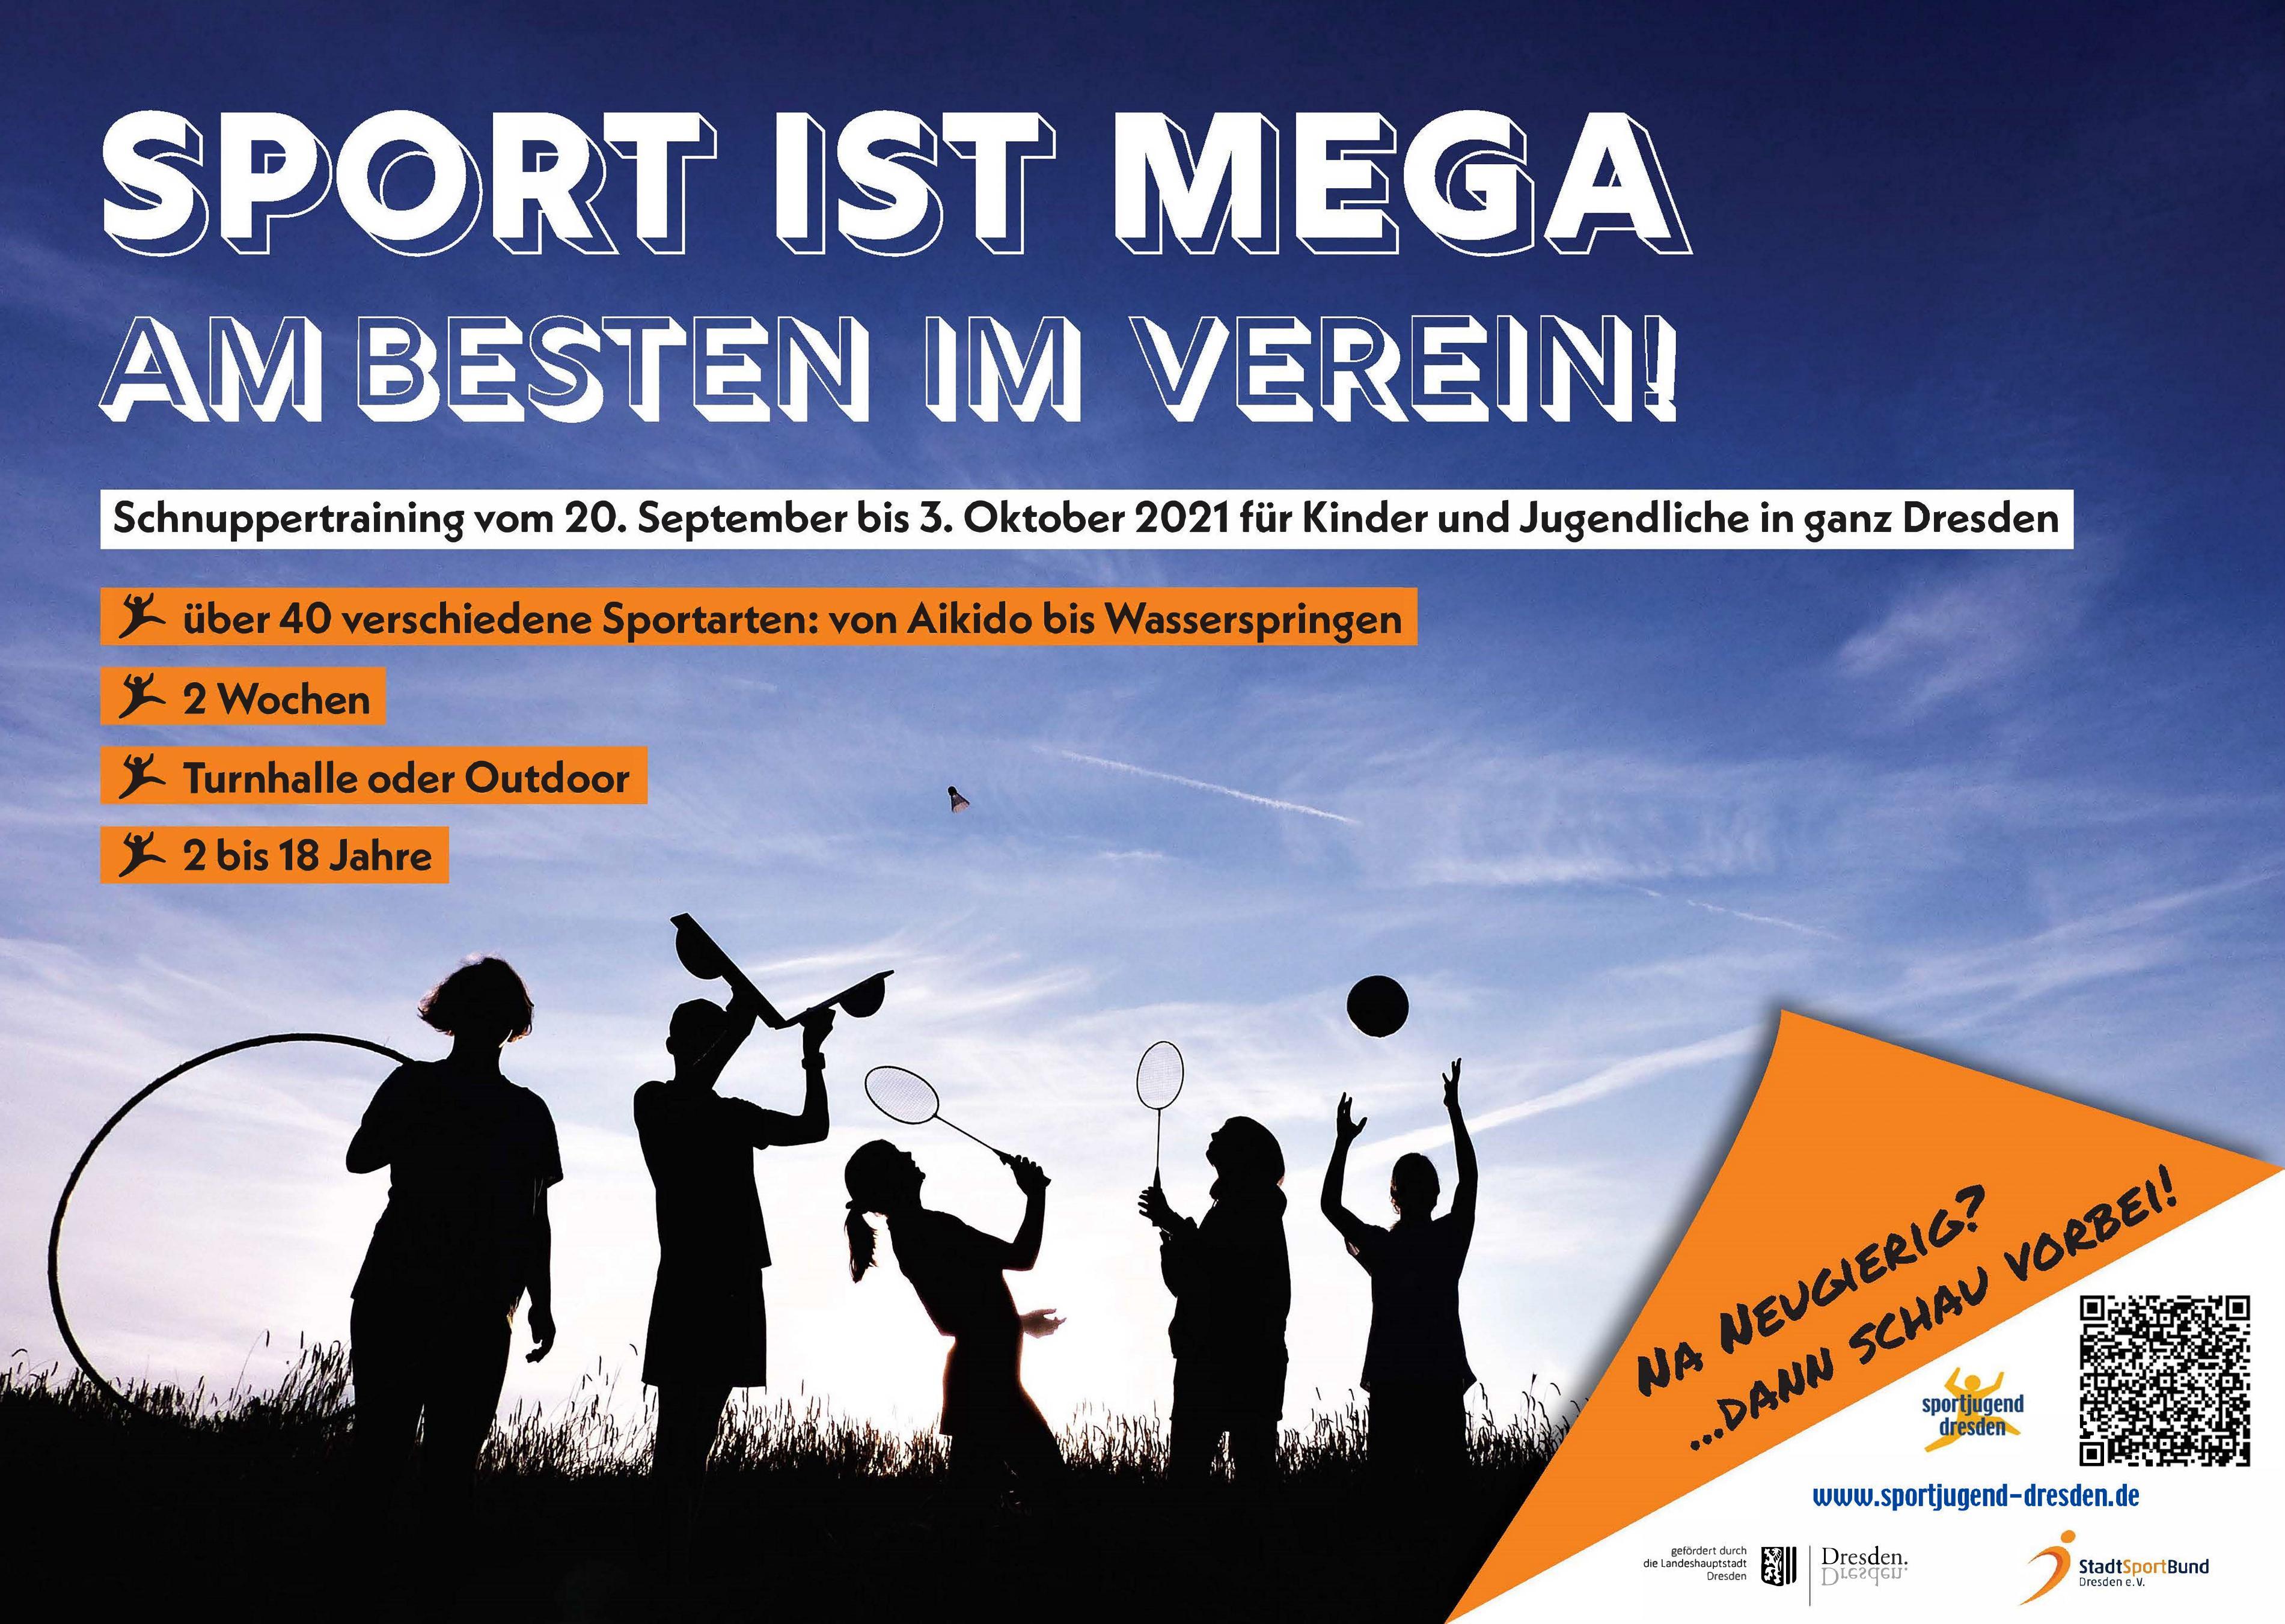 Im Aktionszeitraum 20. September bis 3. Oktober bieten Dresdner Sportvereine Probetraining für Kinder und Jugendliche an. Schnuppert kostenlos bei vielen Sportarten rein um zu schauen, welche Sportart für euch geeignet ist. Wenn es euch gefallen hat, könnt ihr beim Stadtsportbund einen Gutschein über eine Dreimonatige Mitgliedschaft bekommen.